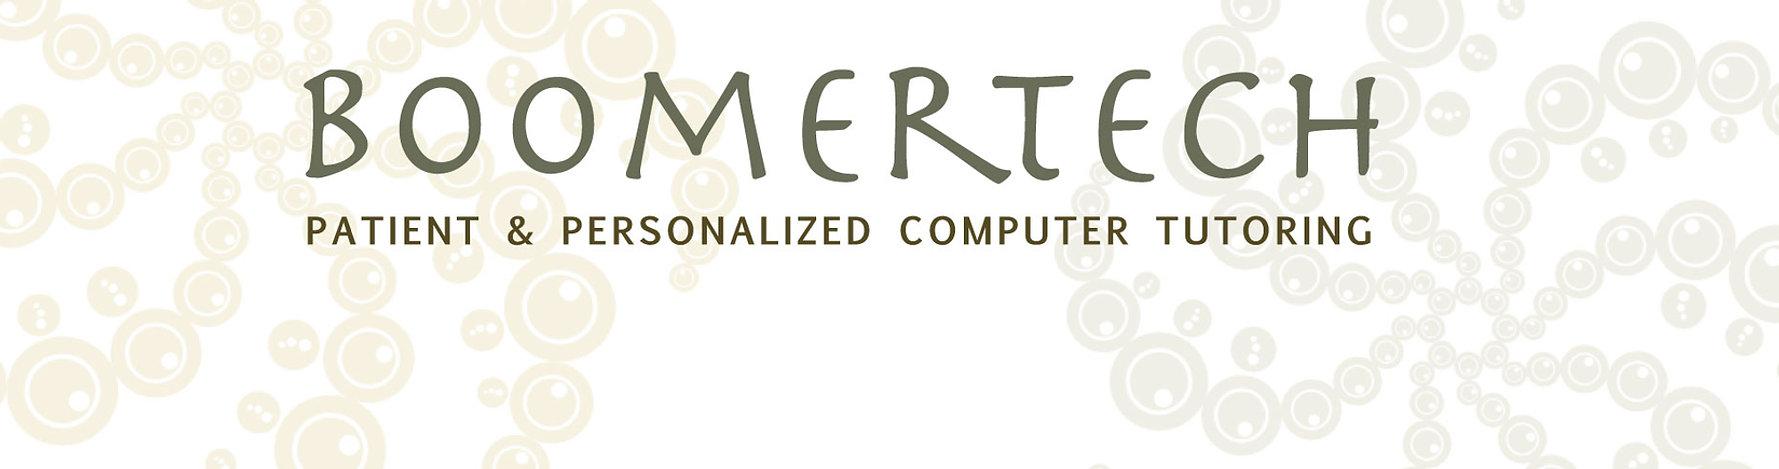 BoomerTech Website Banner.jpg